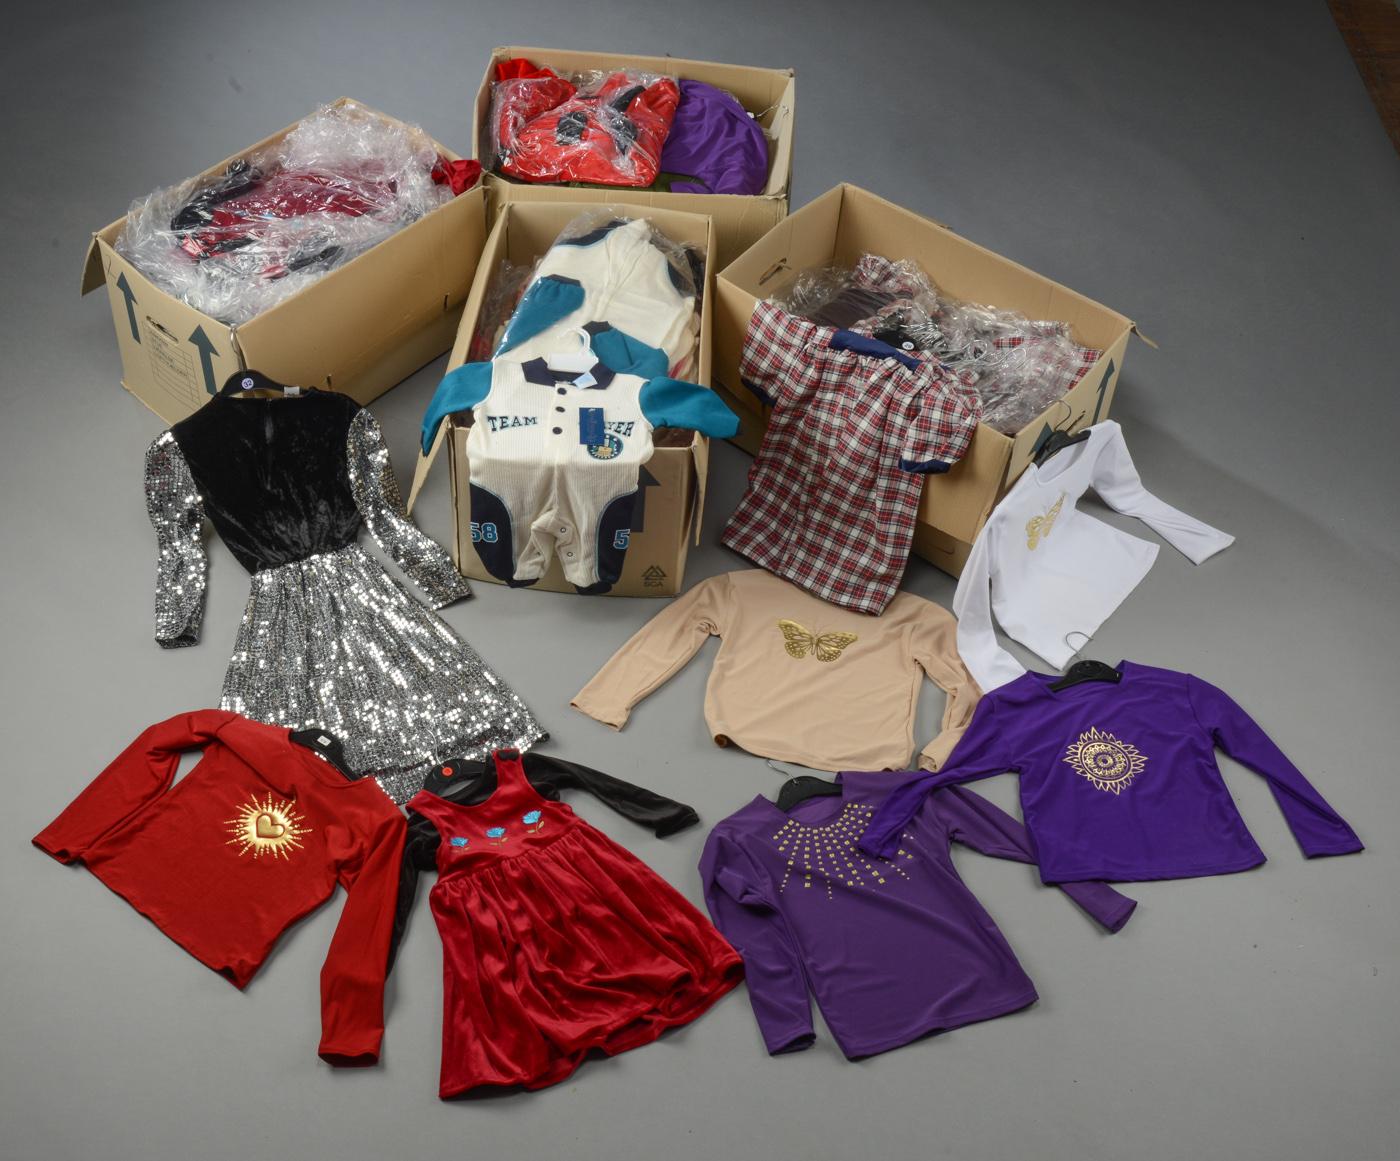 Parti med børnetøj Ca. 200 dele - Parti børnetøj, assorteret størrelser. Ubrugt, flere med labels. Ca. 200 dele